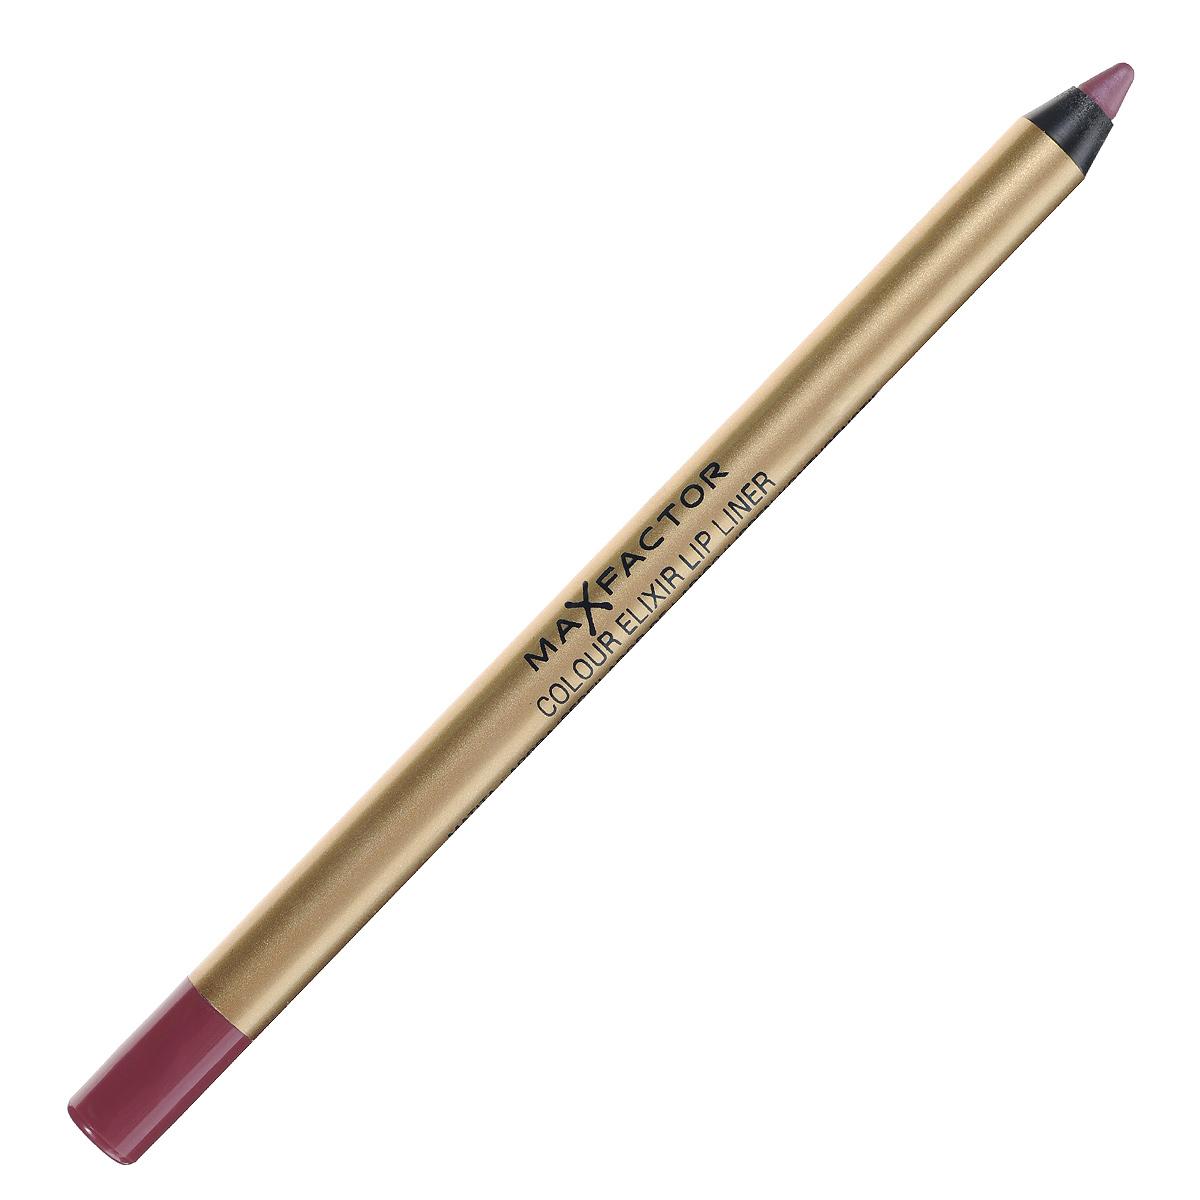 Max Factor Карандаш для губ Colour Elixir Lip Liner, тон №04 pink princess, цвет: розовый81440153Секрет эффектного макияжа губ - правильный карандаш. Он мягко касается губ и рисует точную линию, подчеркивая контур и одновременно ухаживая за губами. Карандаш для губ Colour Elixir подчеркивает твои губы, придавая им форму. - Роскошный цвет и увлажнение для мягких и гладких губ. - Оттенки подходят к палитре помады Colour Elixir. - Легко наносится.1. Выбирай карандаш на один тон темнее твоей помады 2. Наточи карандаш и смягчи кончик салфеткой 3. Подведи губы в уголках, дугу Купидона и середину нижней губы, затем соедини линии 4. Нанеси несколько легких штрихов на губы, чтобы помада держалась дольше.